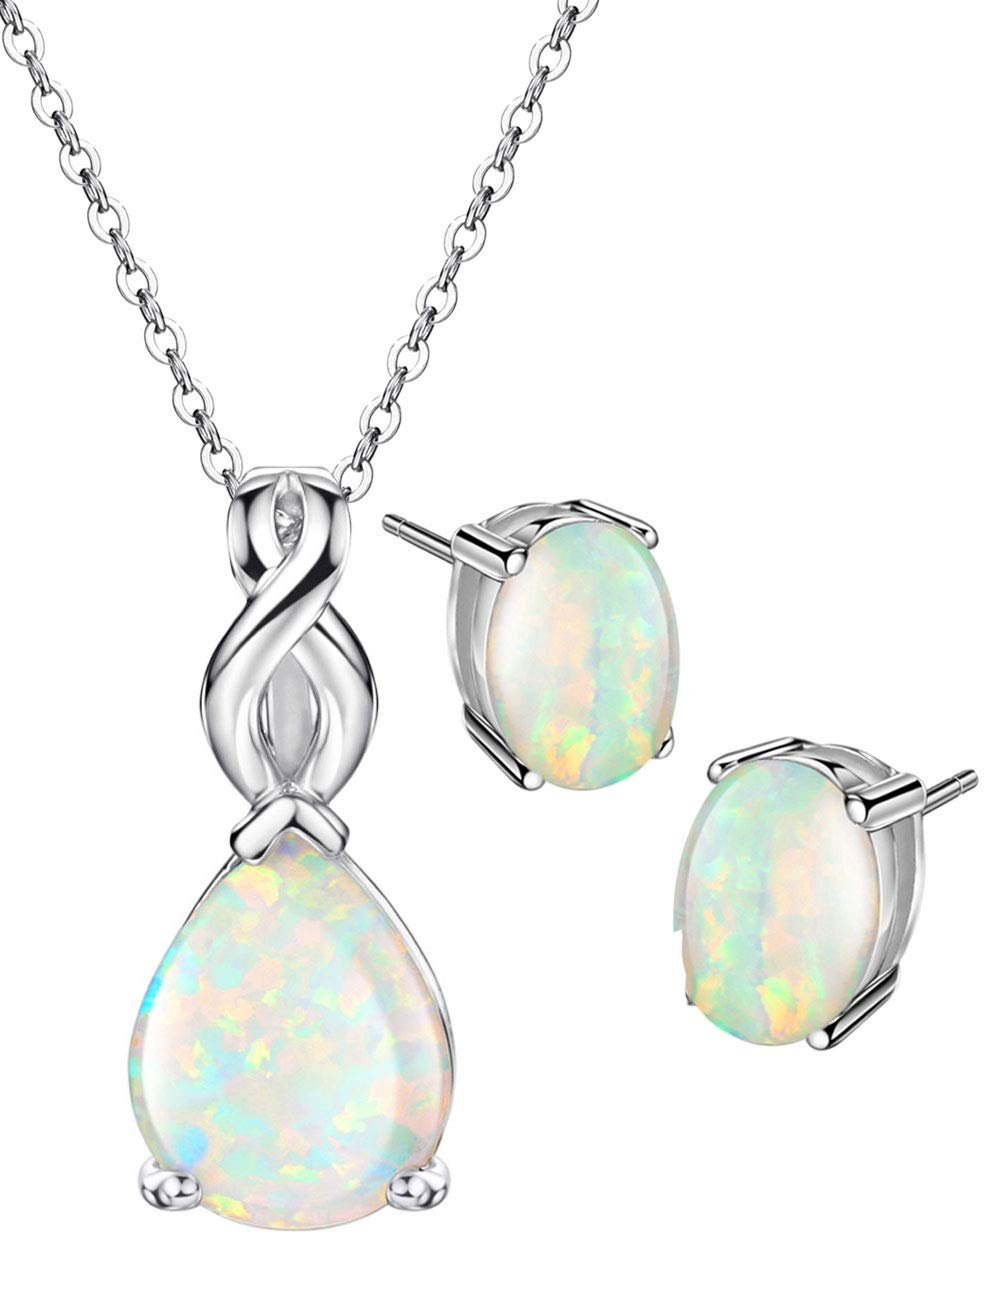 Mints Opal Infinity Jewelry Set Sterling Silver Pendant Necklace Stud Earrings October Birthstone Fine Jewelry Women